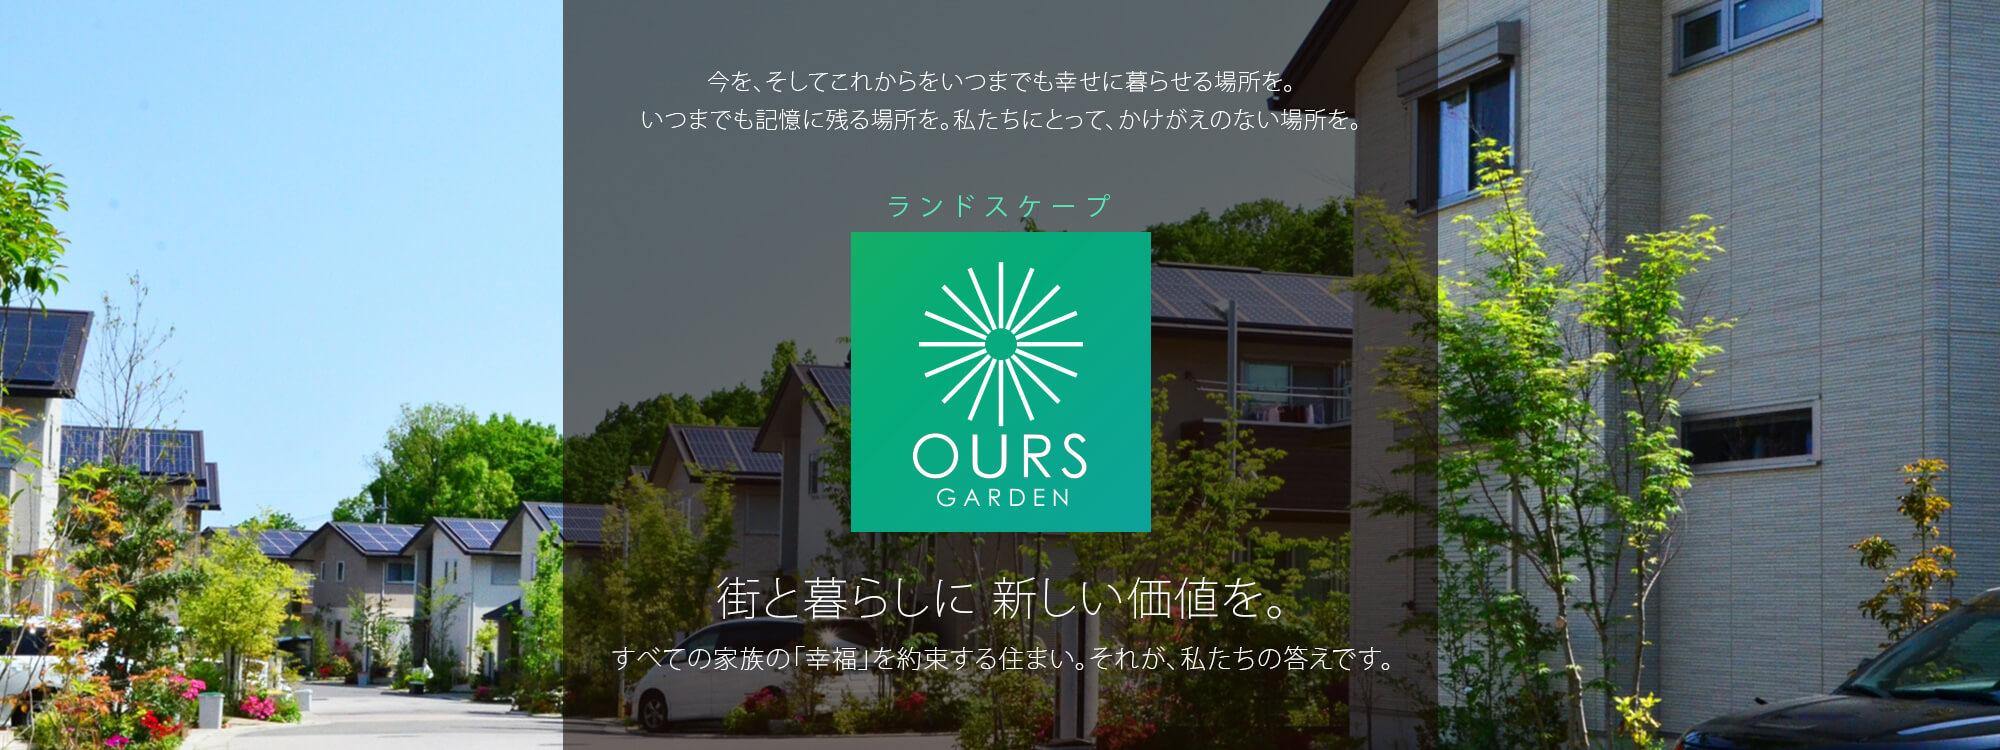 朝日I&Rリアルティのランドスケープ新築分譲戸建て住宅「OURS GARDEN」